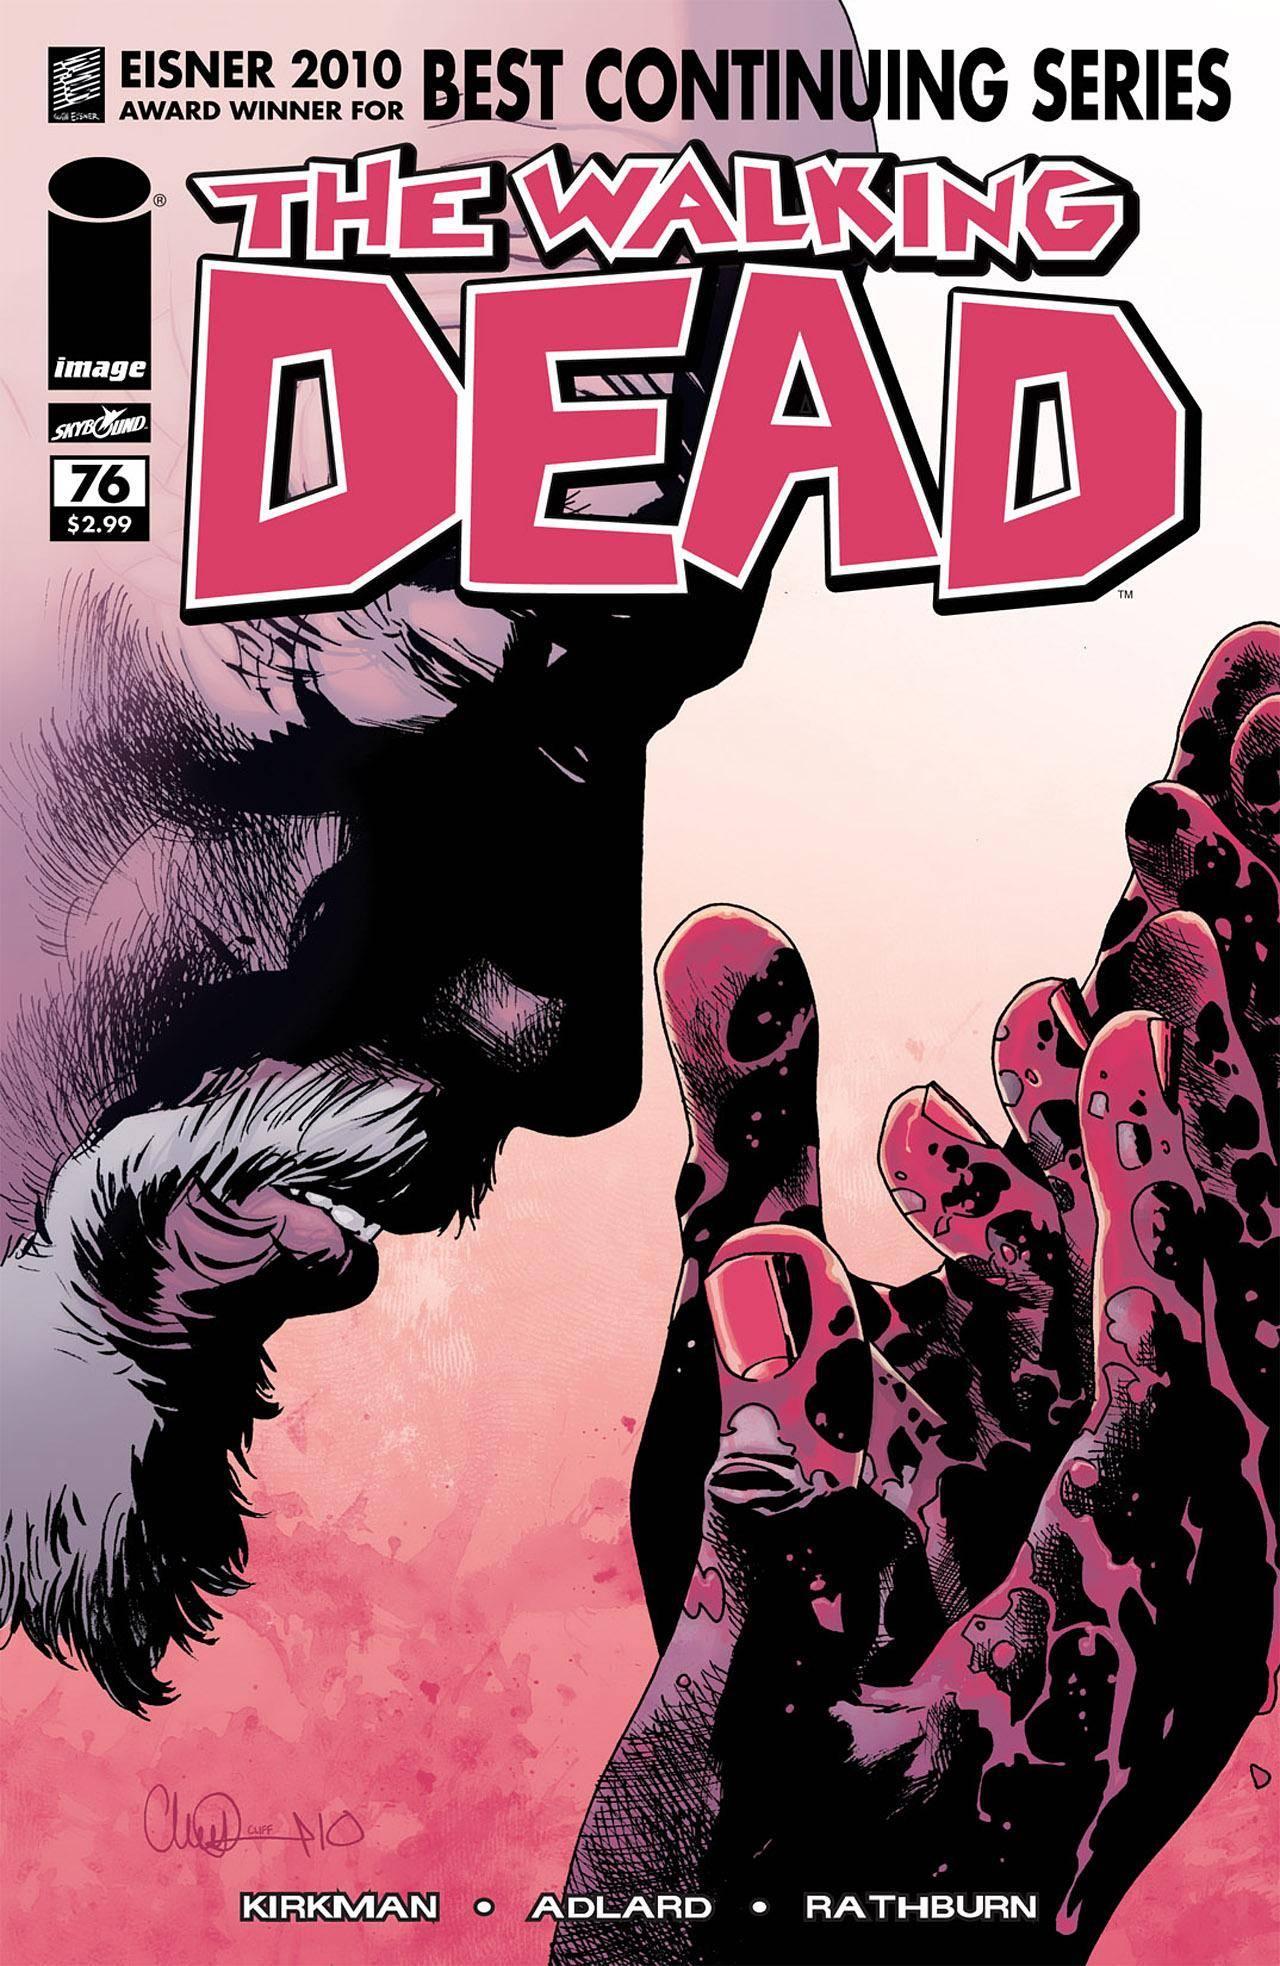 Walking Dead 076 2010 digital